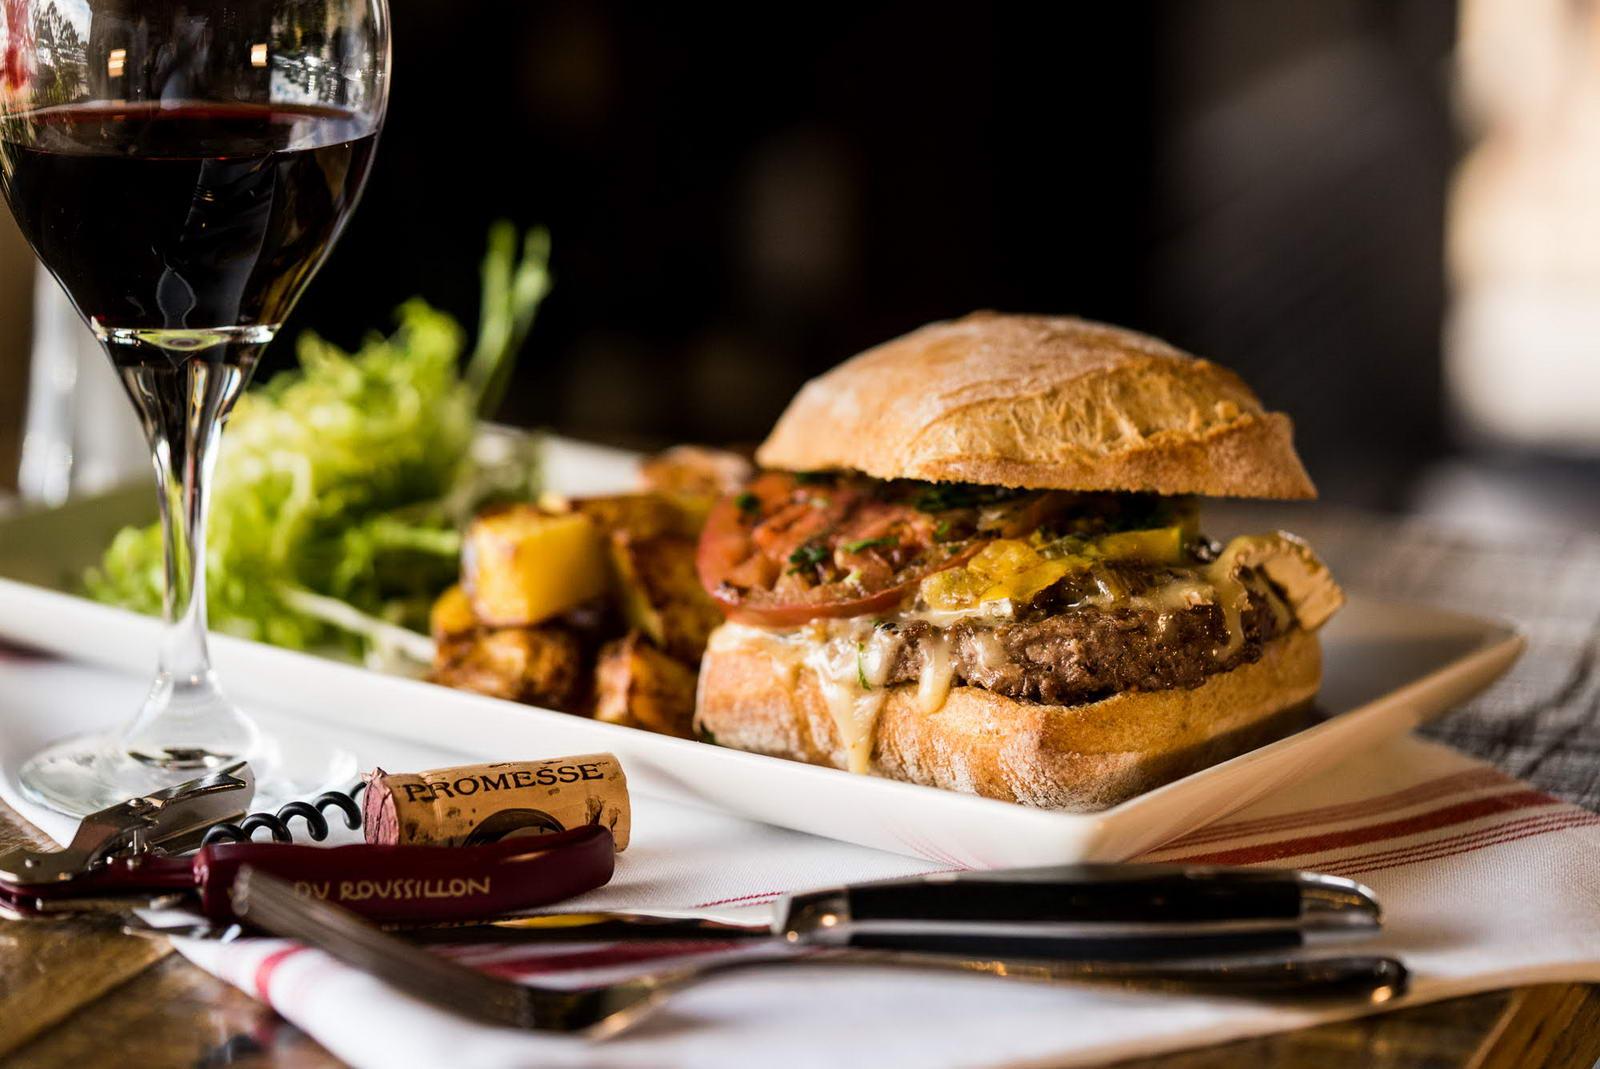 bistro-moulin-newport-beach-nouvelle-version-burger-01